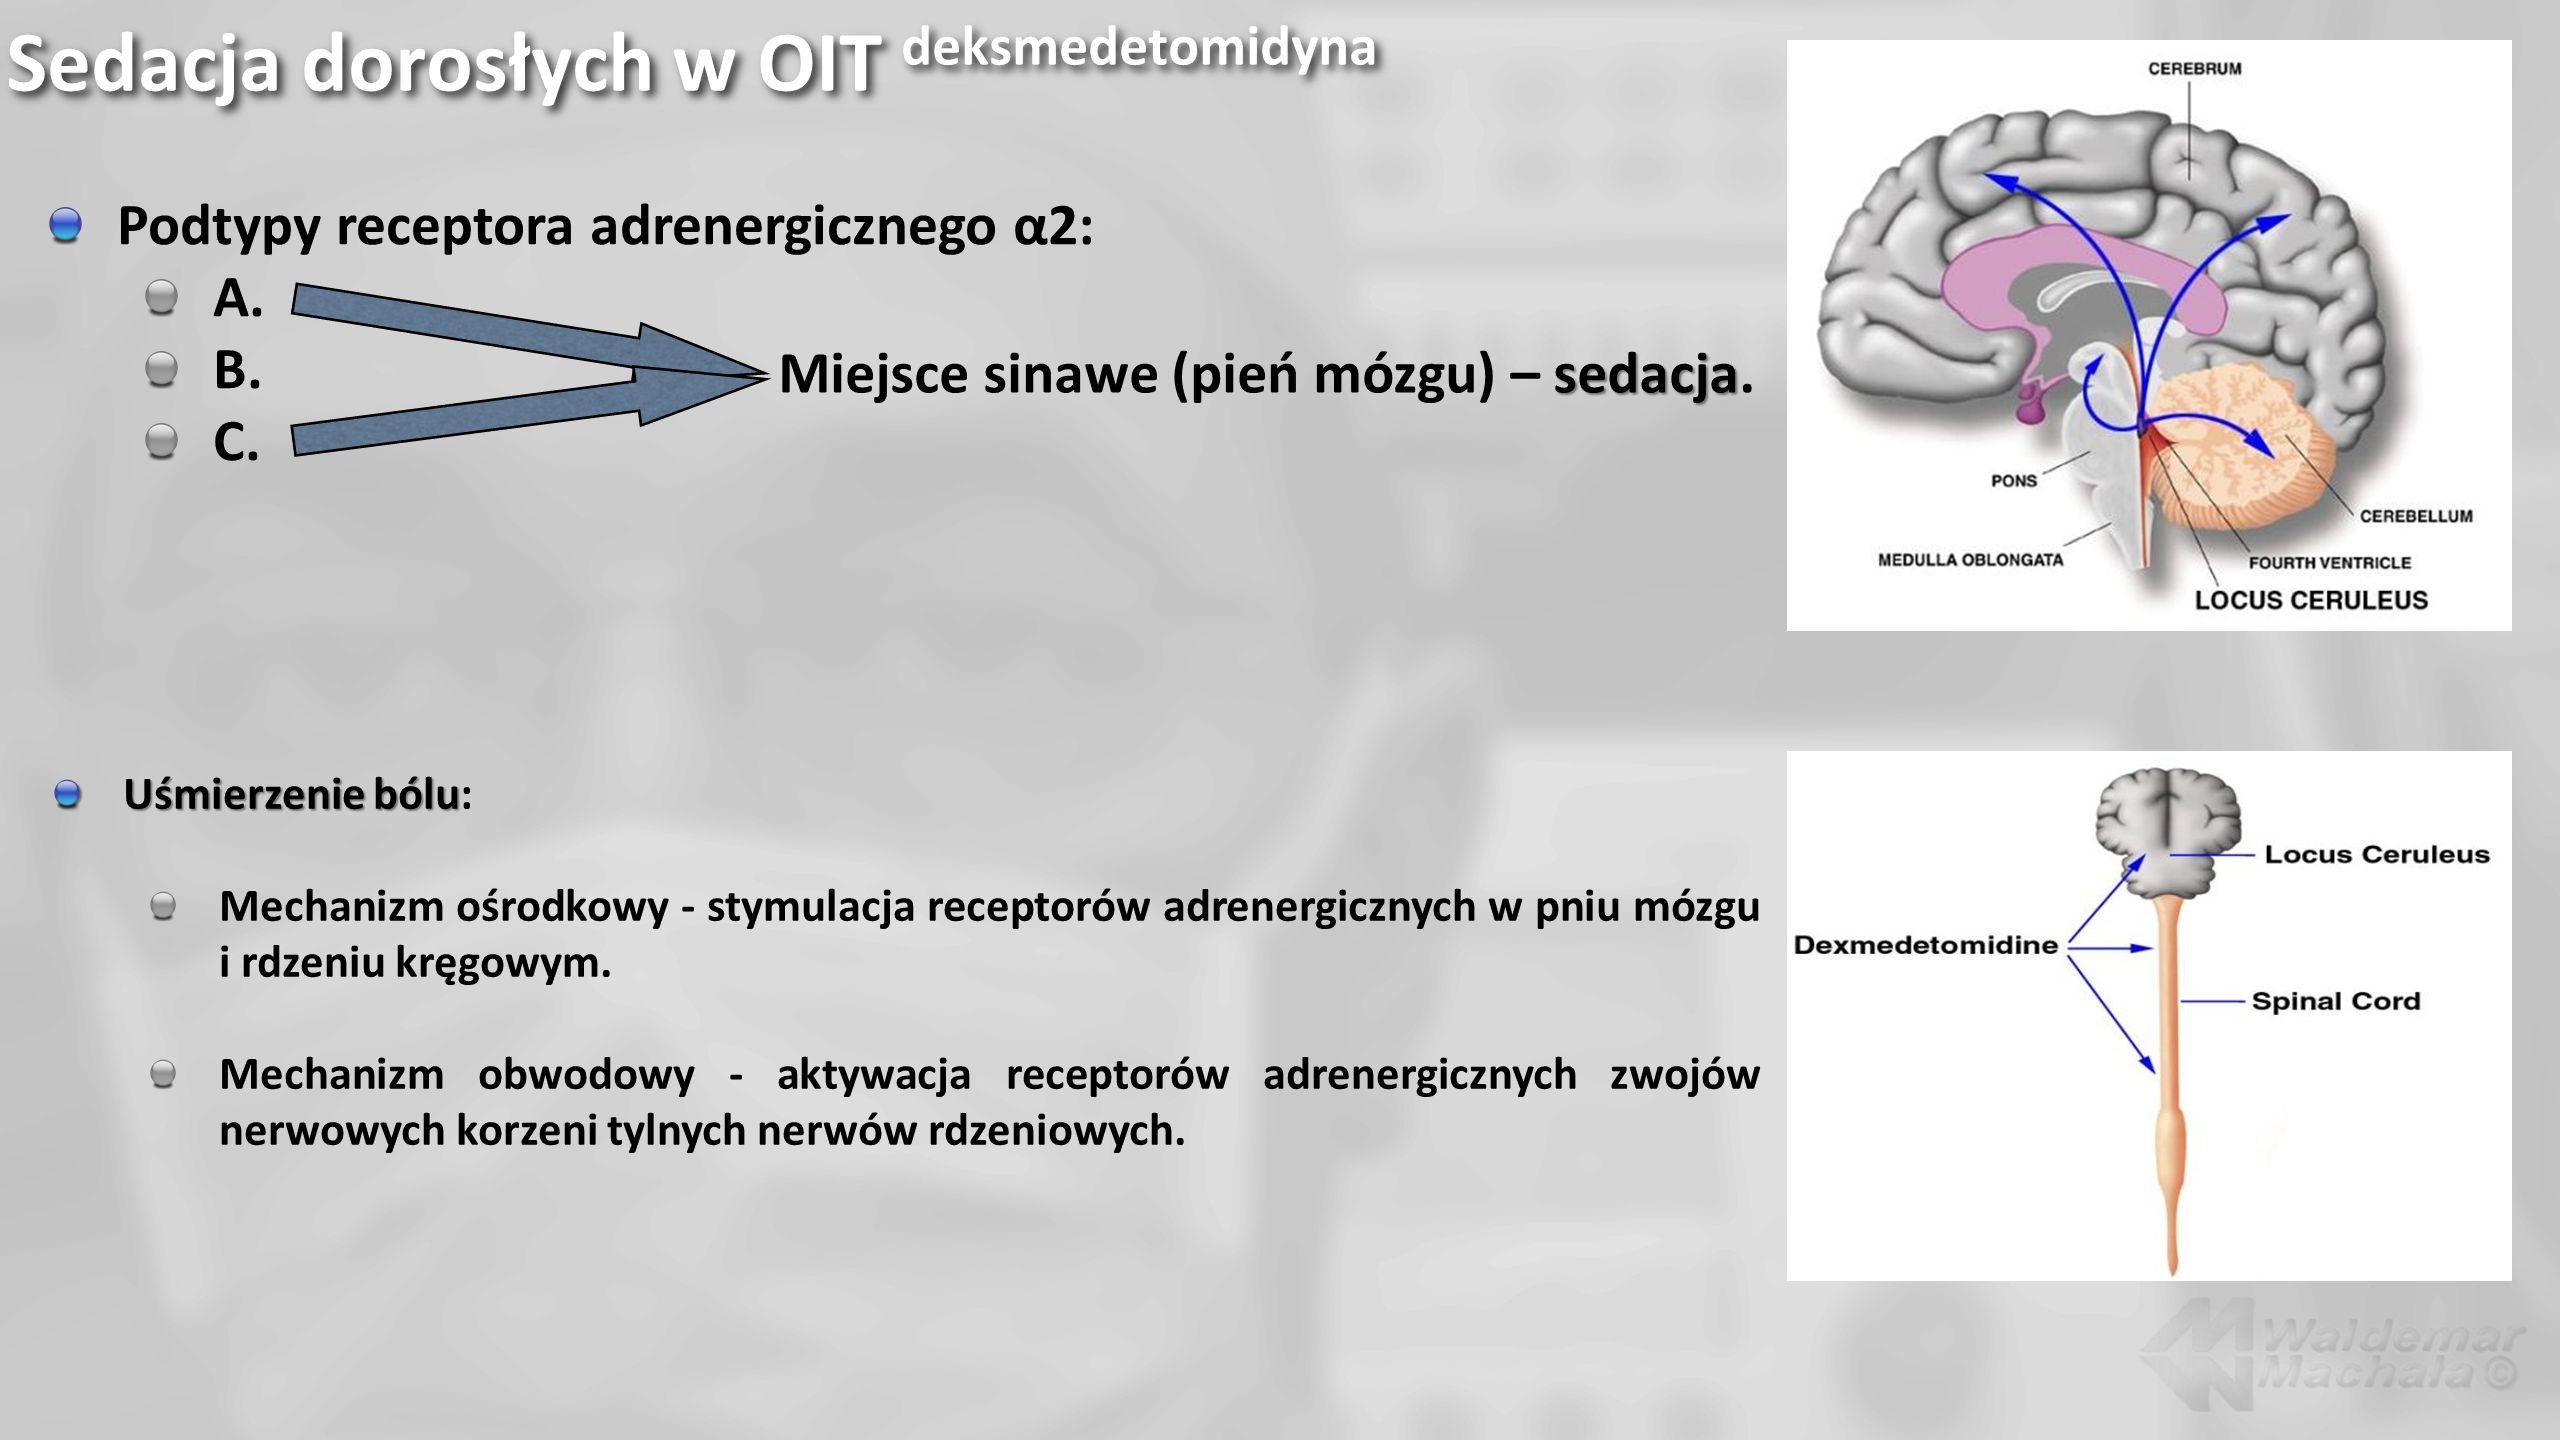 Sedacja dorosłych w OIT deksmedetomidyna